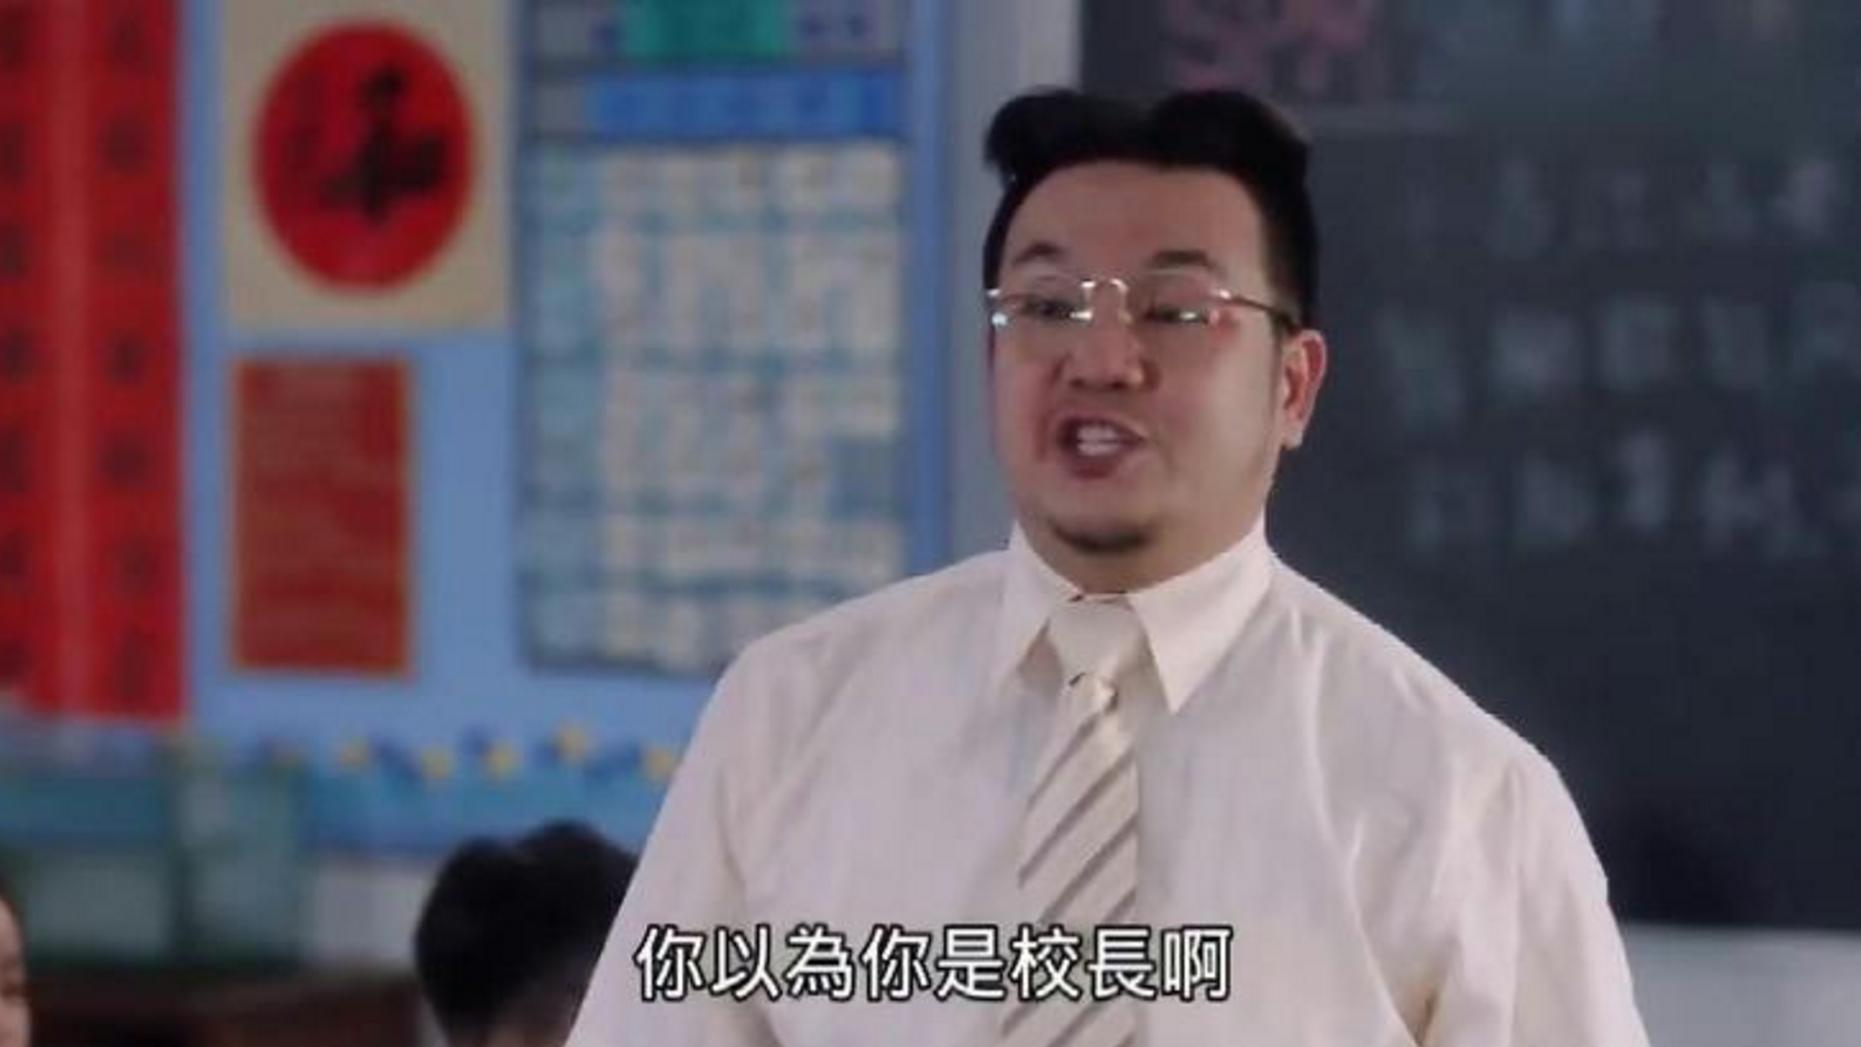 马来西亚翻拍夏洛特烦恼,动作台词都一样,就是口音太出戏